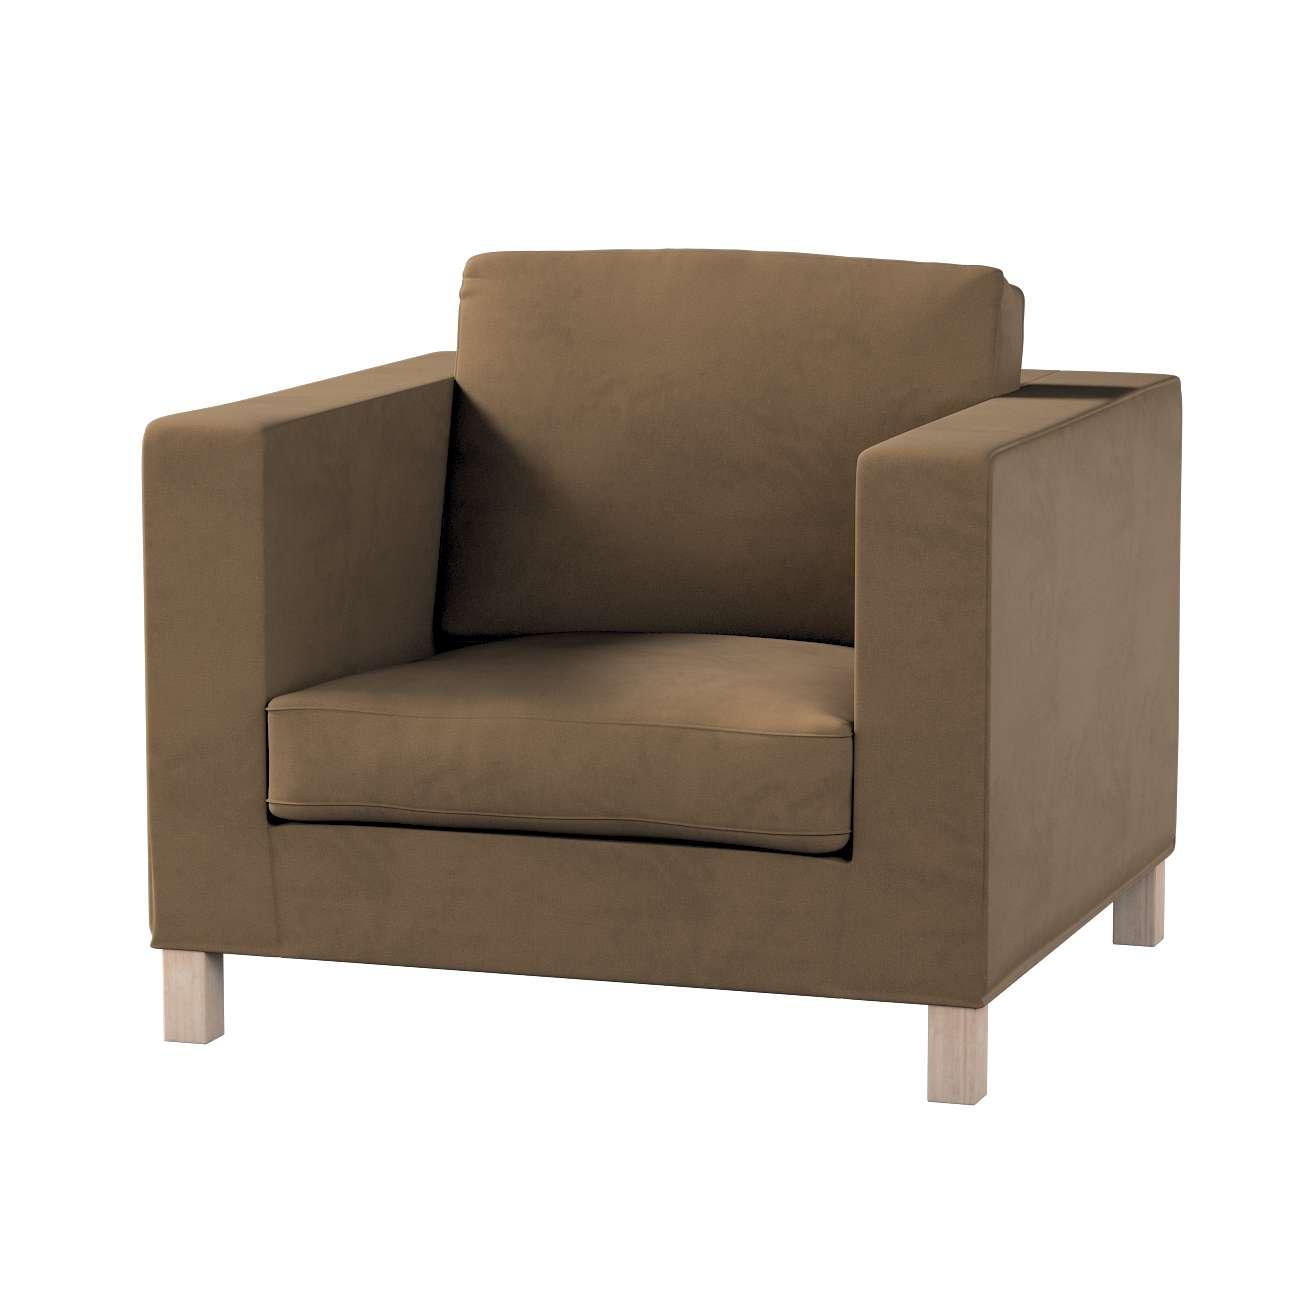 Karlanda päällinen nojatuoli, lyhyt mallistosta Living 2, Kangas: 160-94